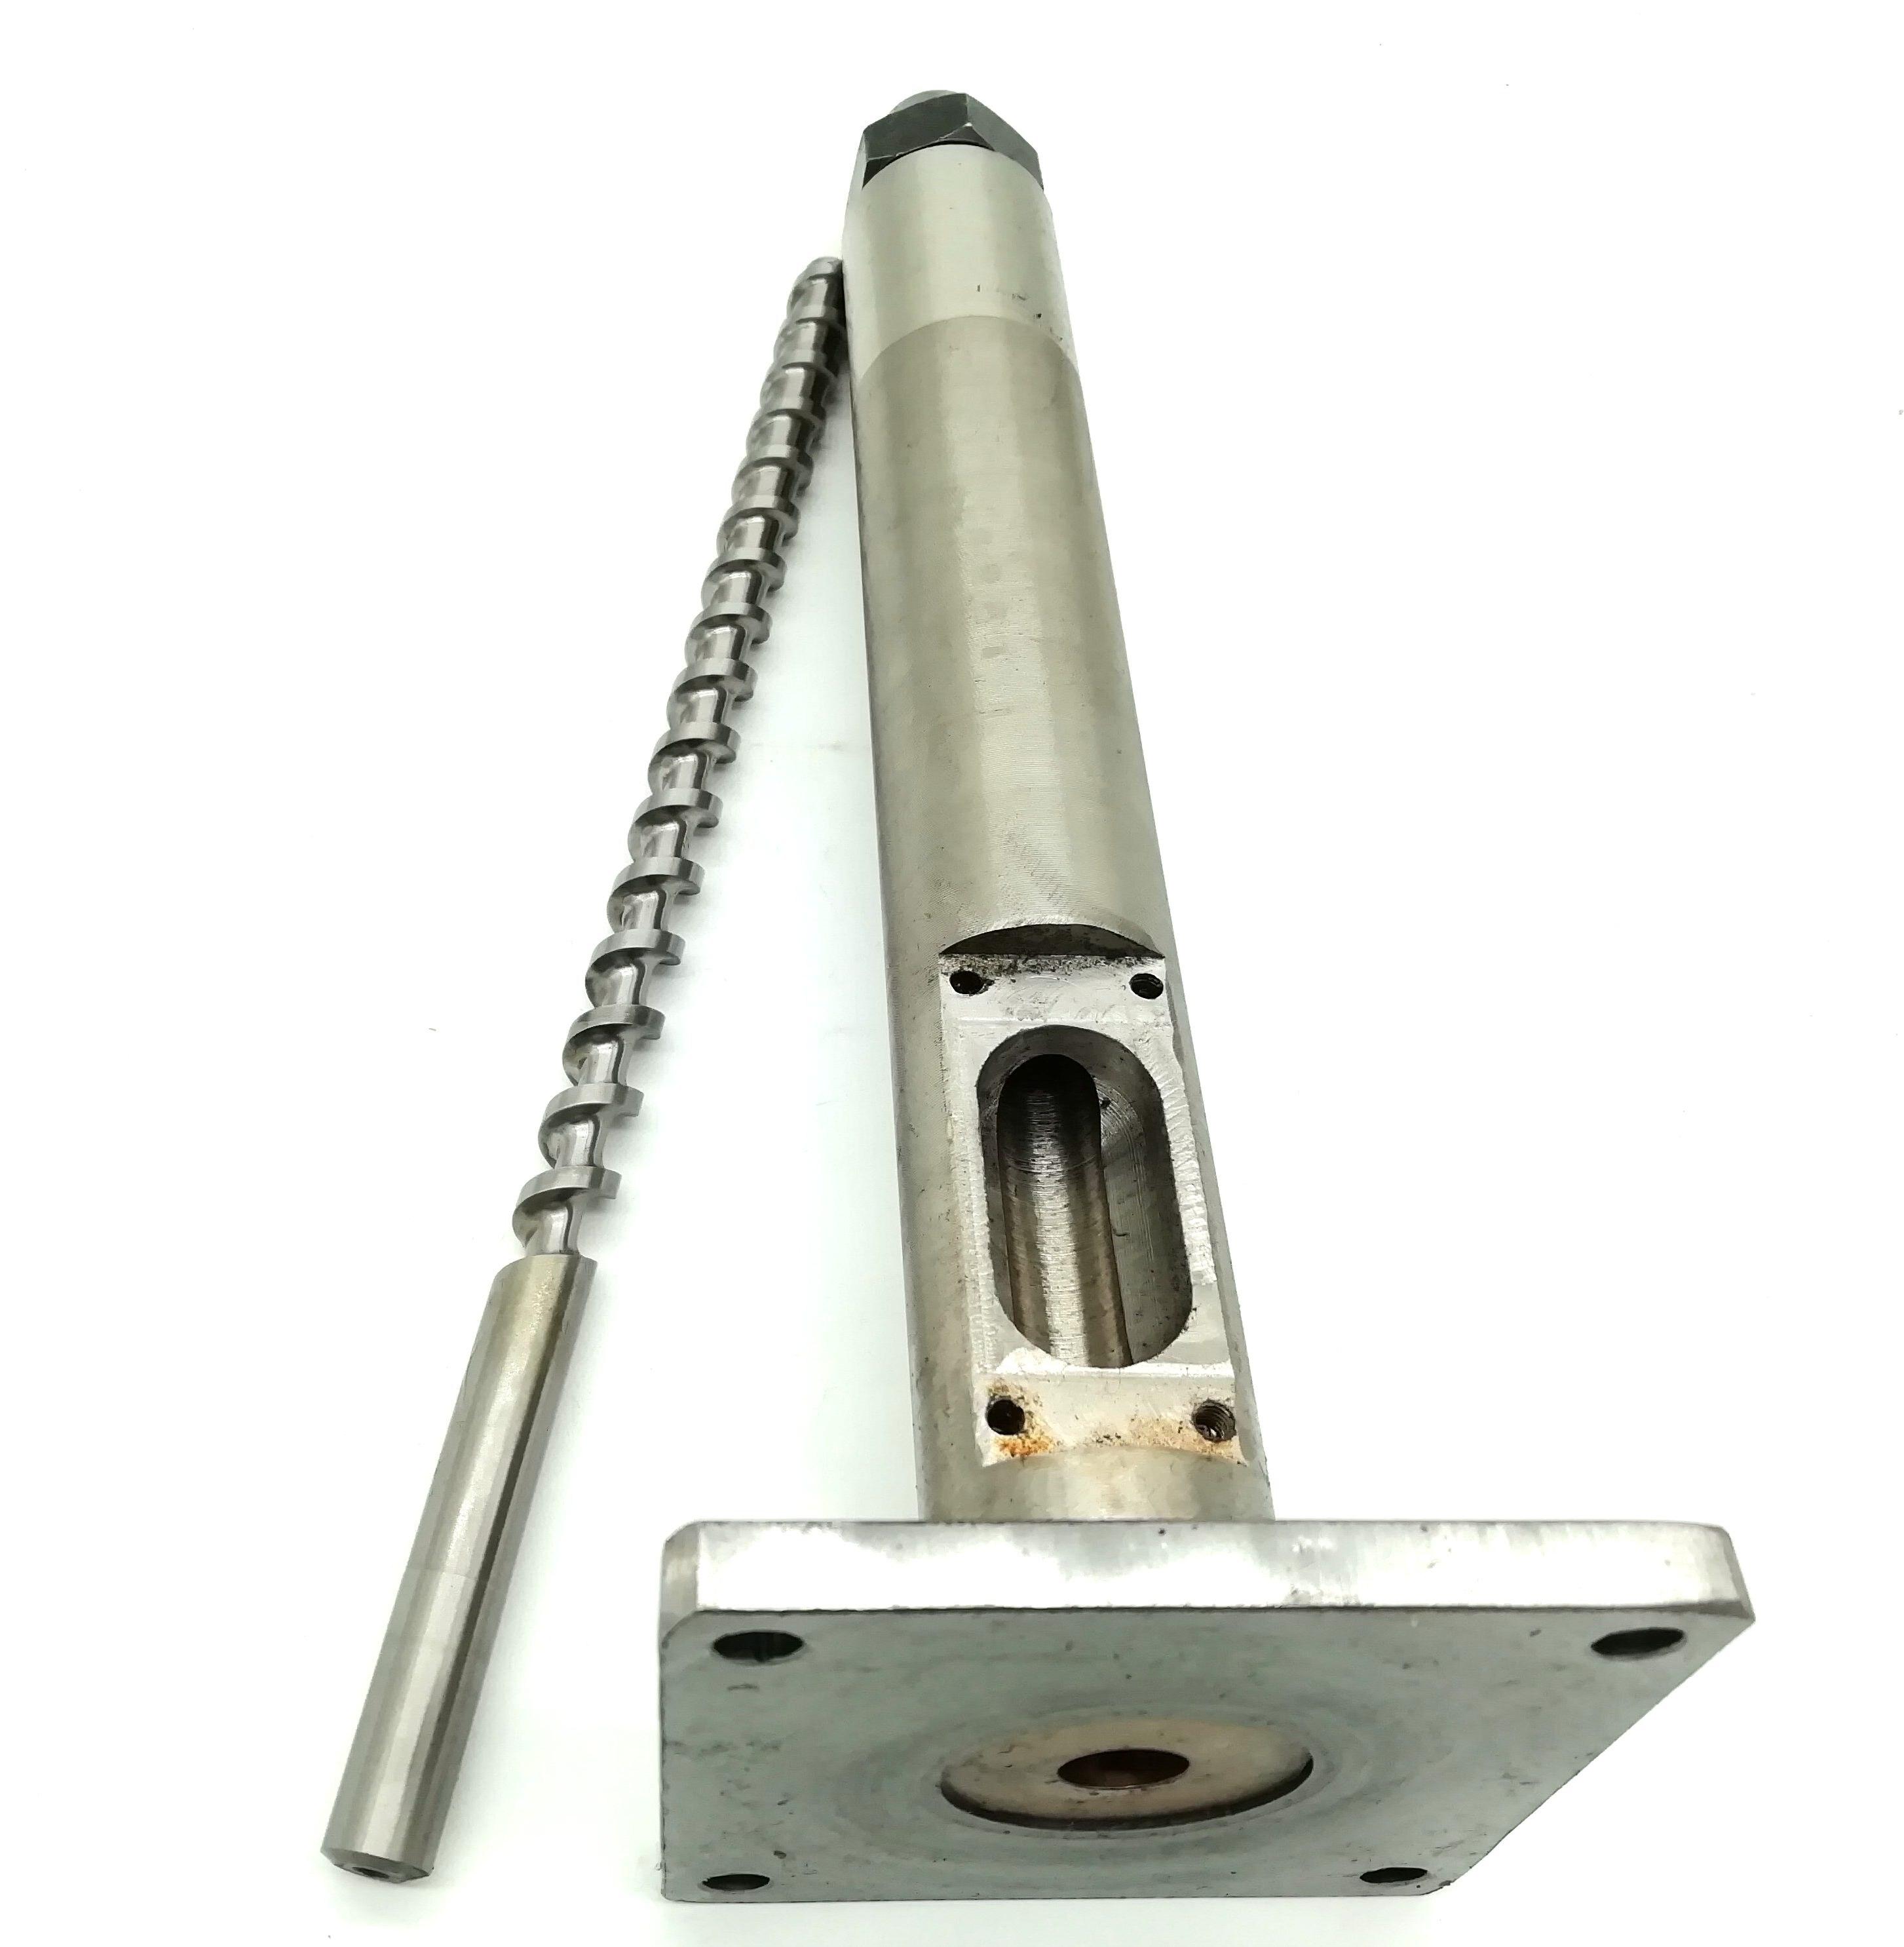 Jugetek 12 Filament Extruder Screw Barrel And Nozzle